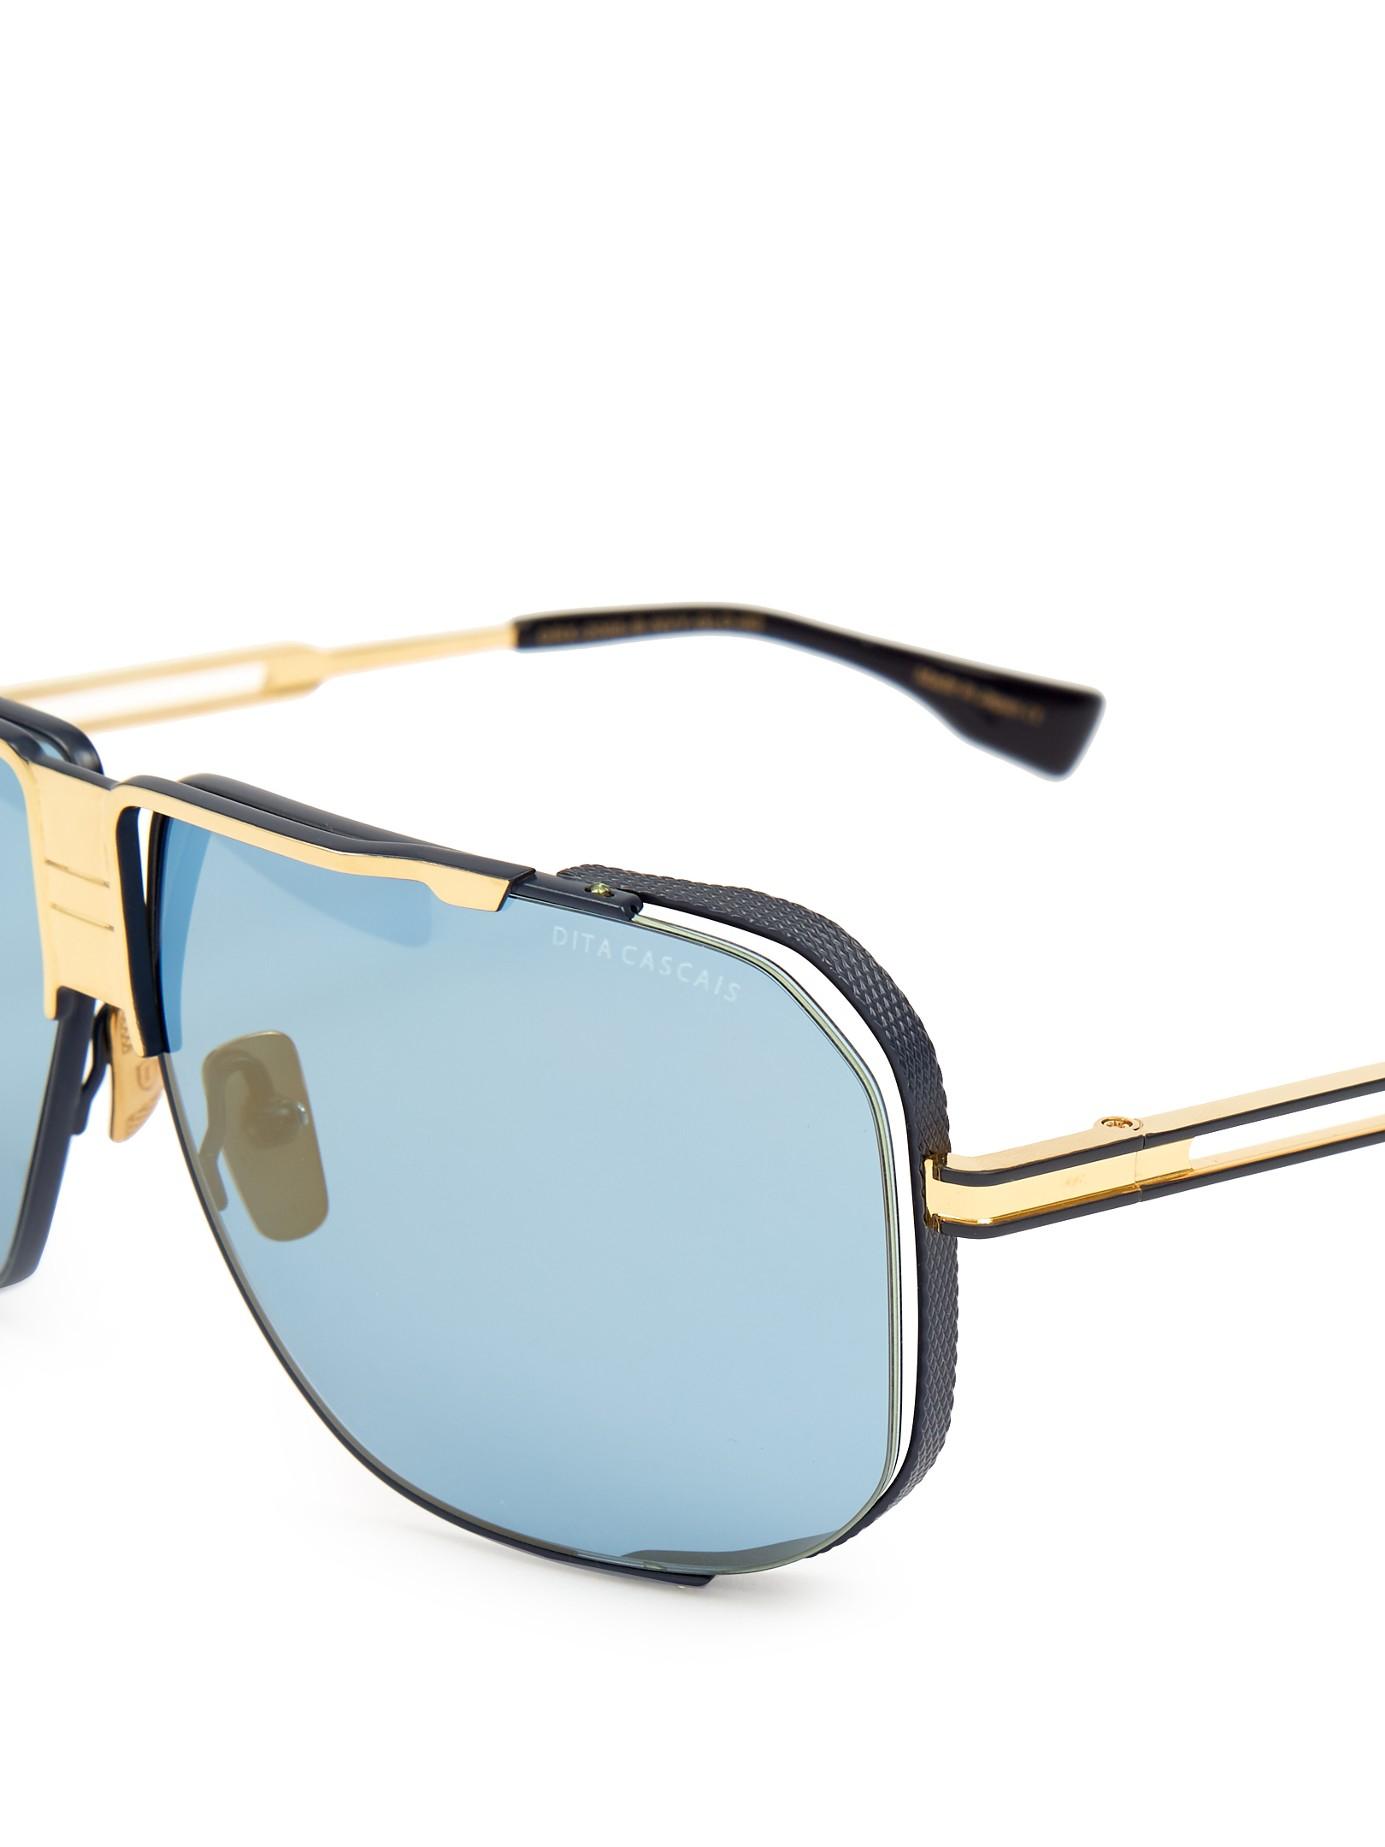 45a6caeda52e Lyst - Dita Eyewear Cascais Sunglasses in Gray for Men